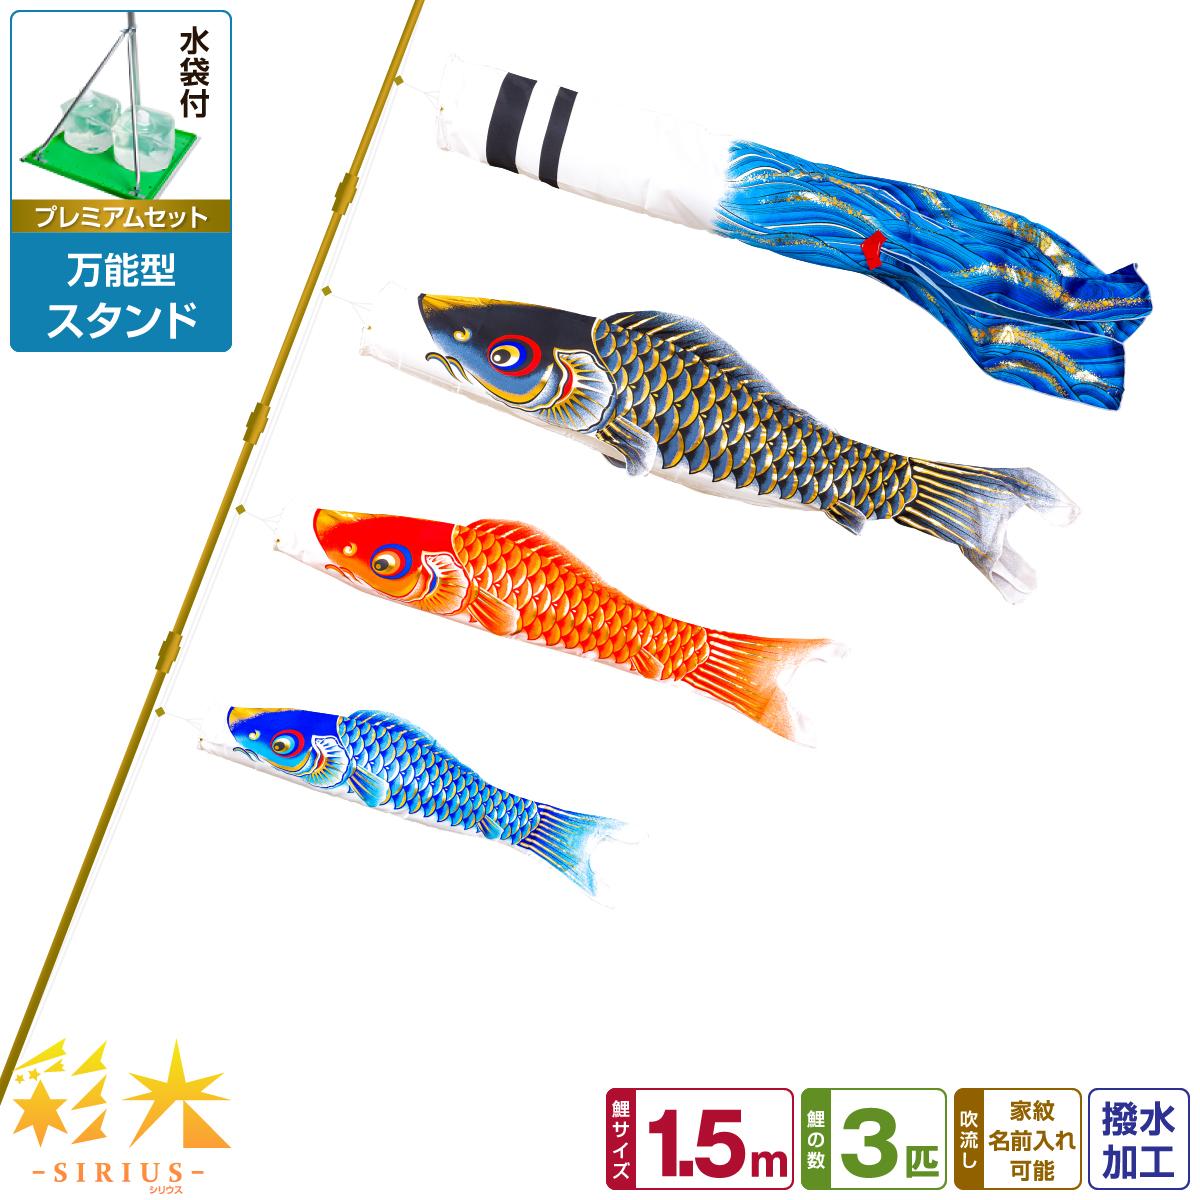 ベランダ用 こいのぼり 鯉のぼり SIRIUS/彩光鯉 1.5m 6点(吹流し+鯉3匹+矢車+ロープ)/プレミアムセット(万能スタンド)